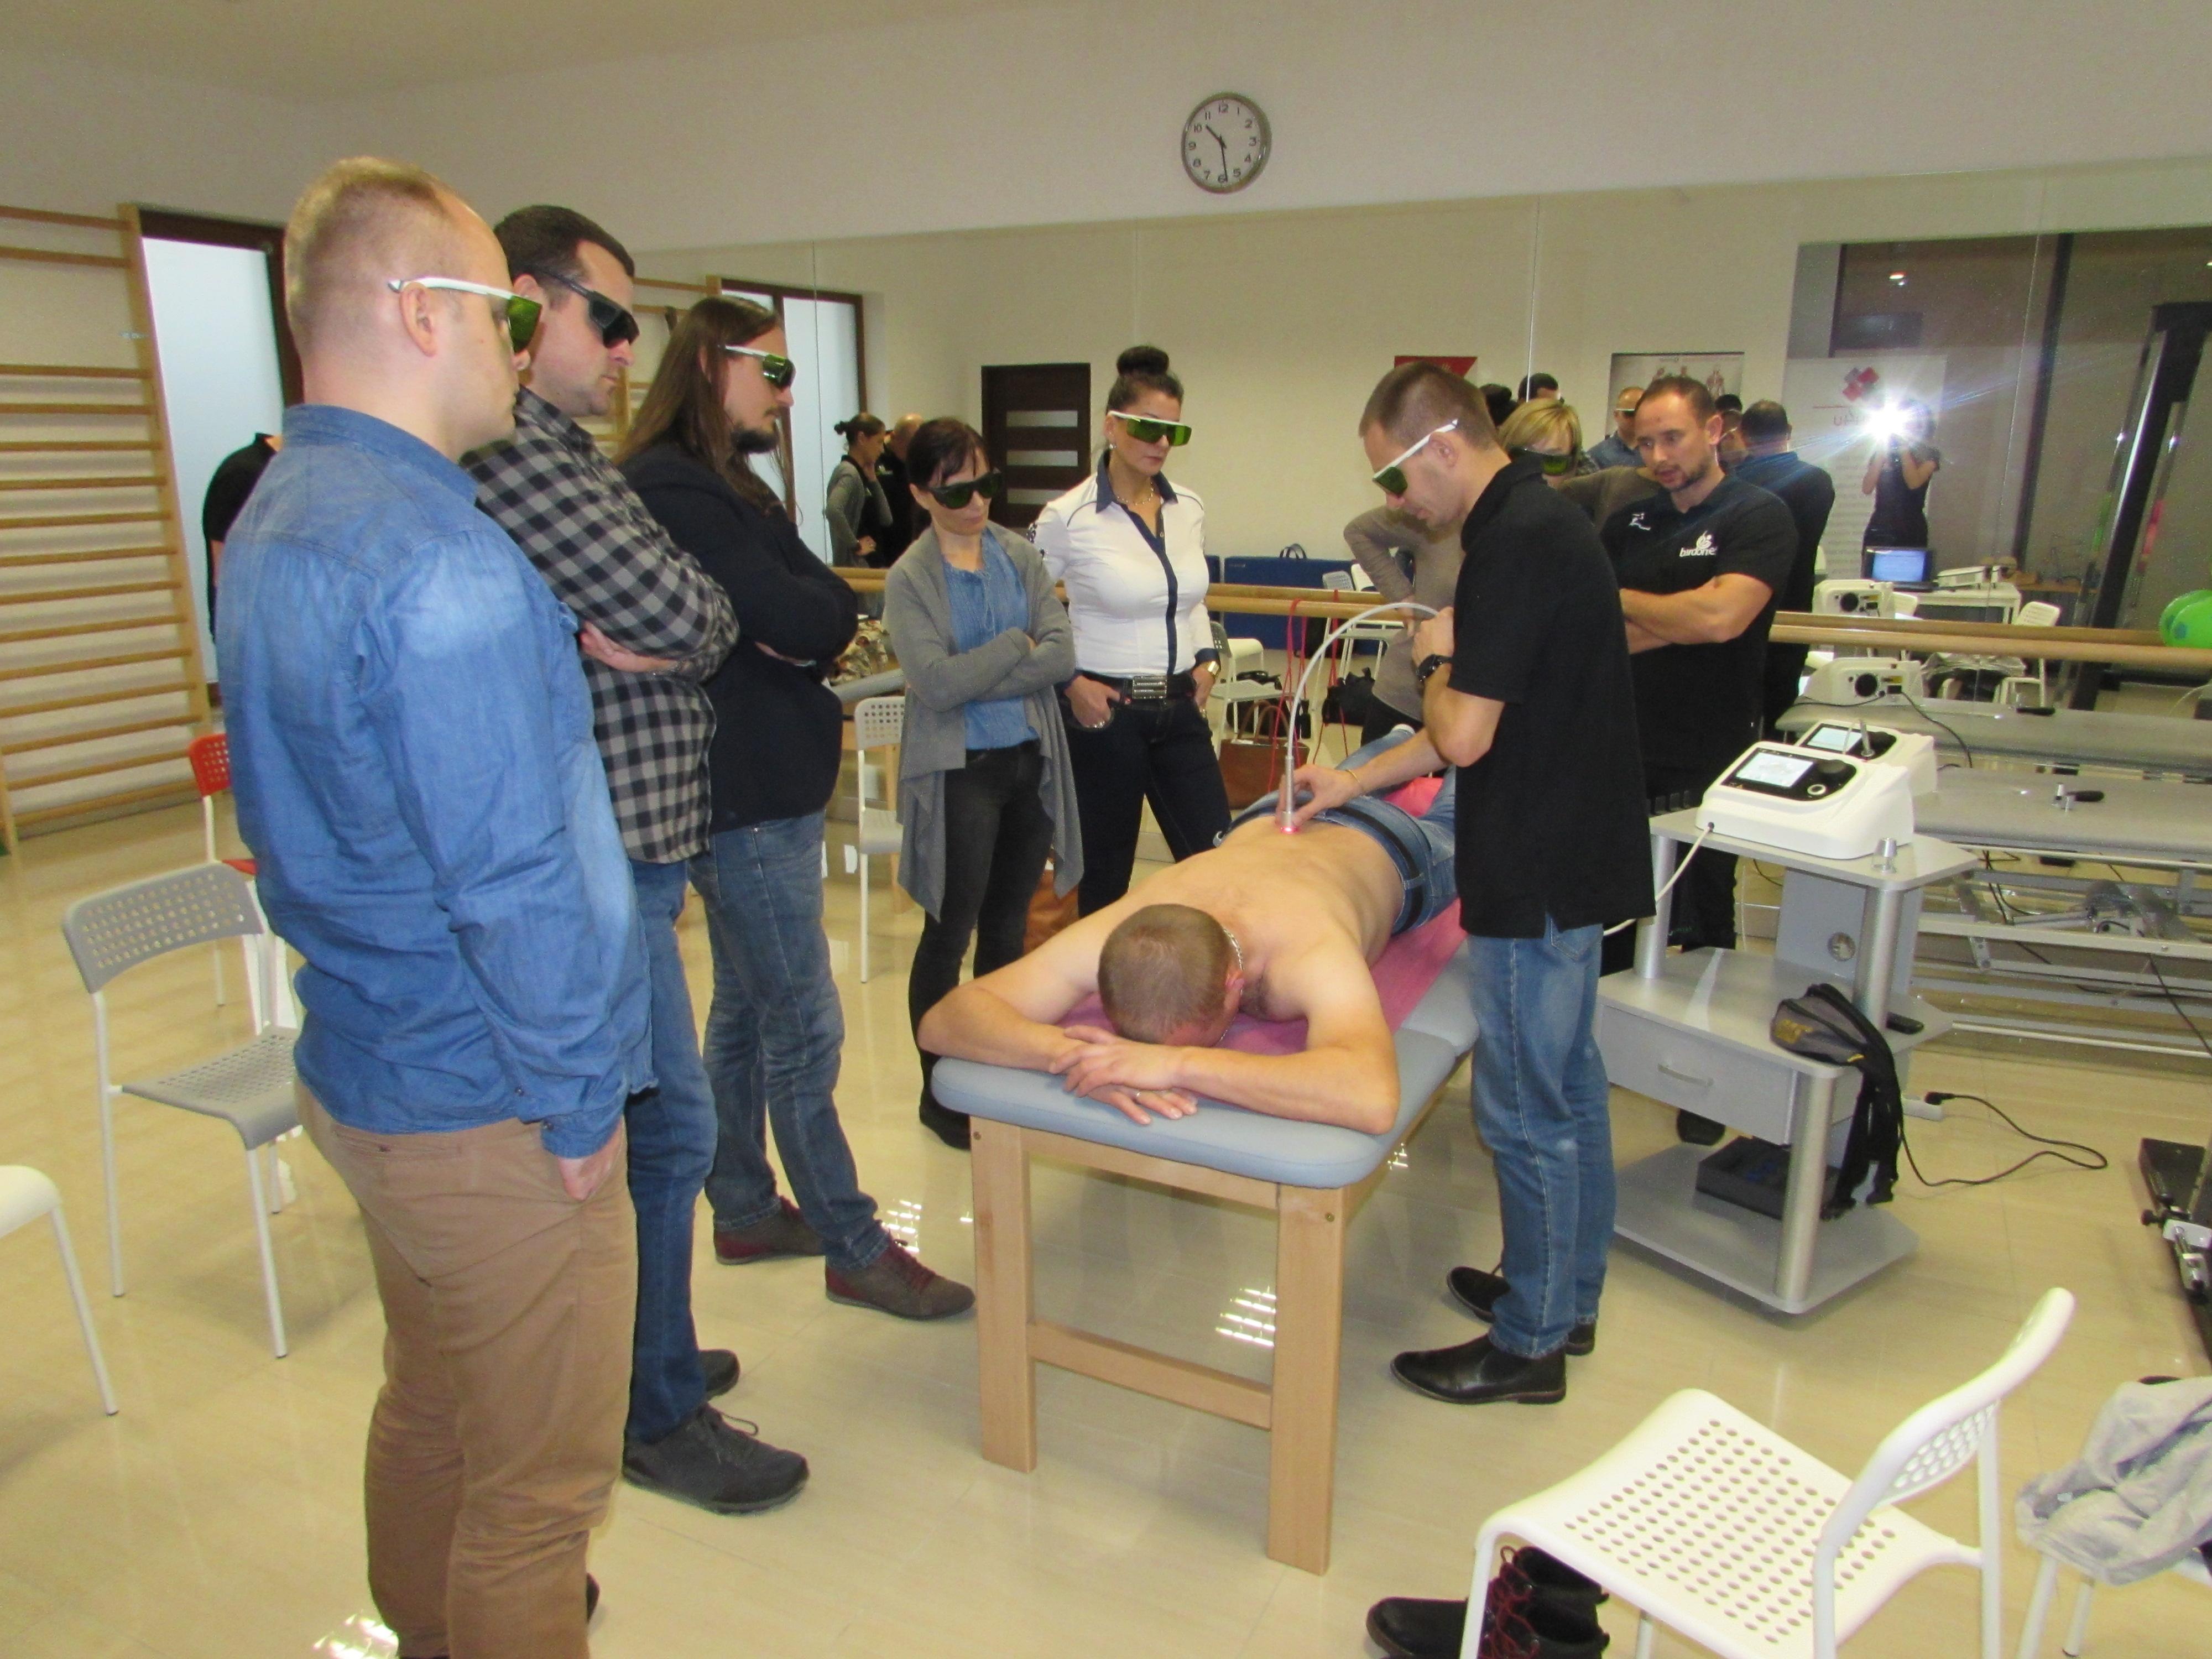 Urządzenie rehabilitacyjne, fizjoterapeutyczne BardoMed - prezentacja